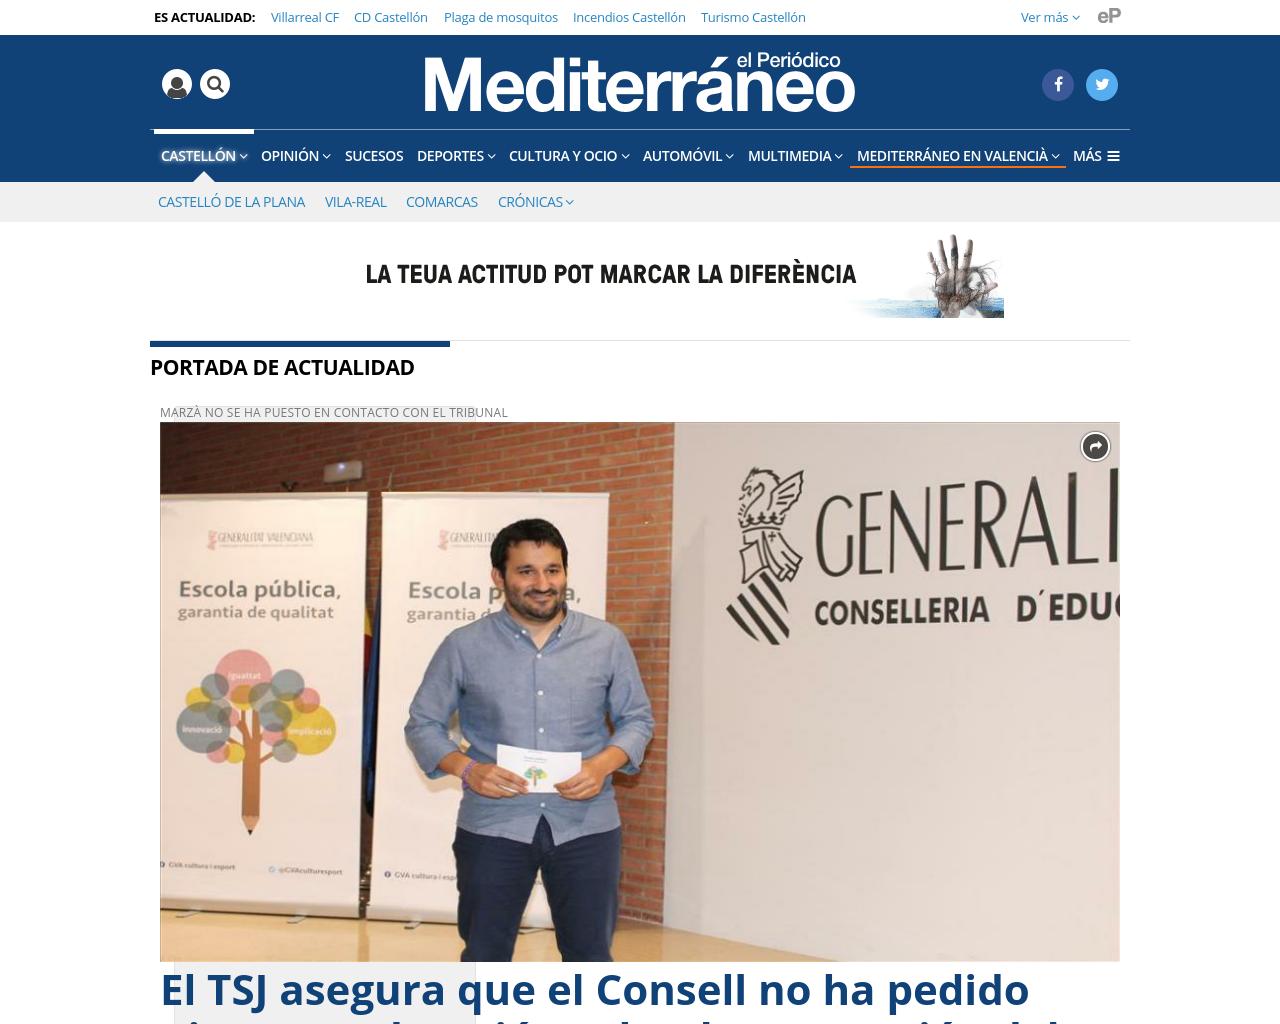 El-Periodico-Mediterraneo-Advertising-Reviews-Pricing